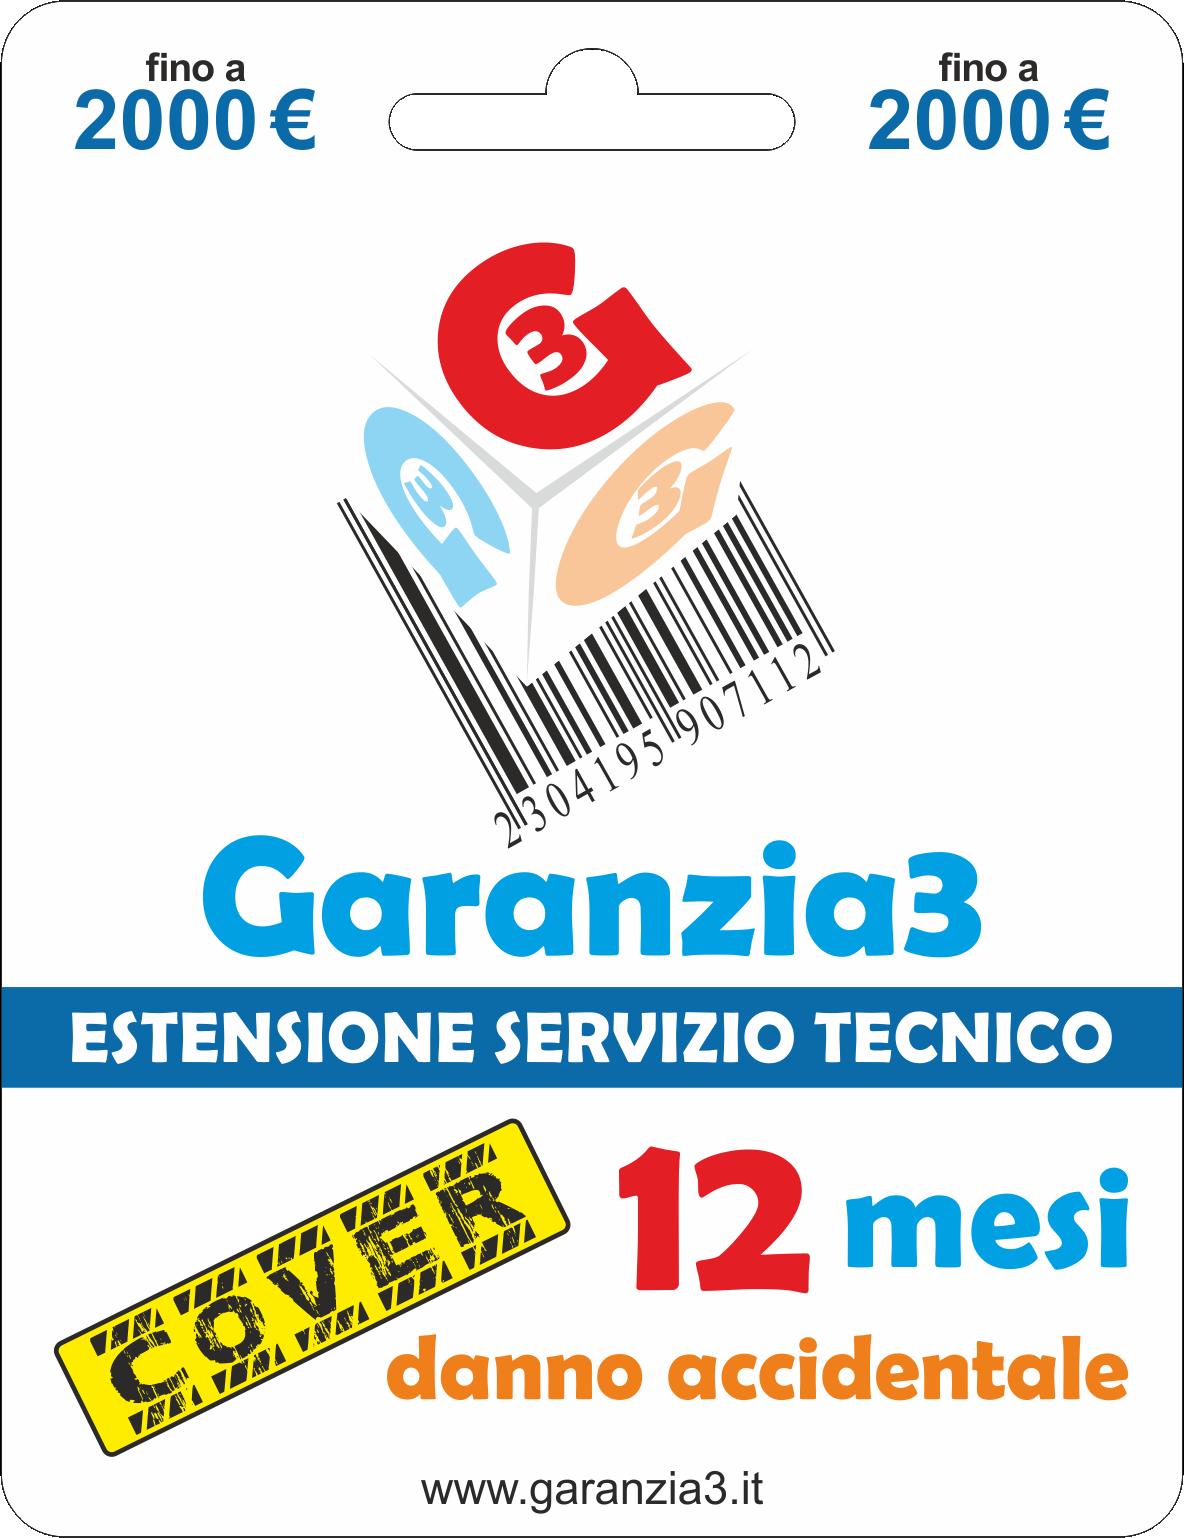 Garanzia3 Cover 2000 - Dagimarket